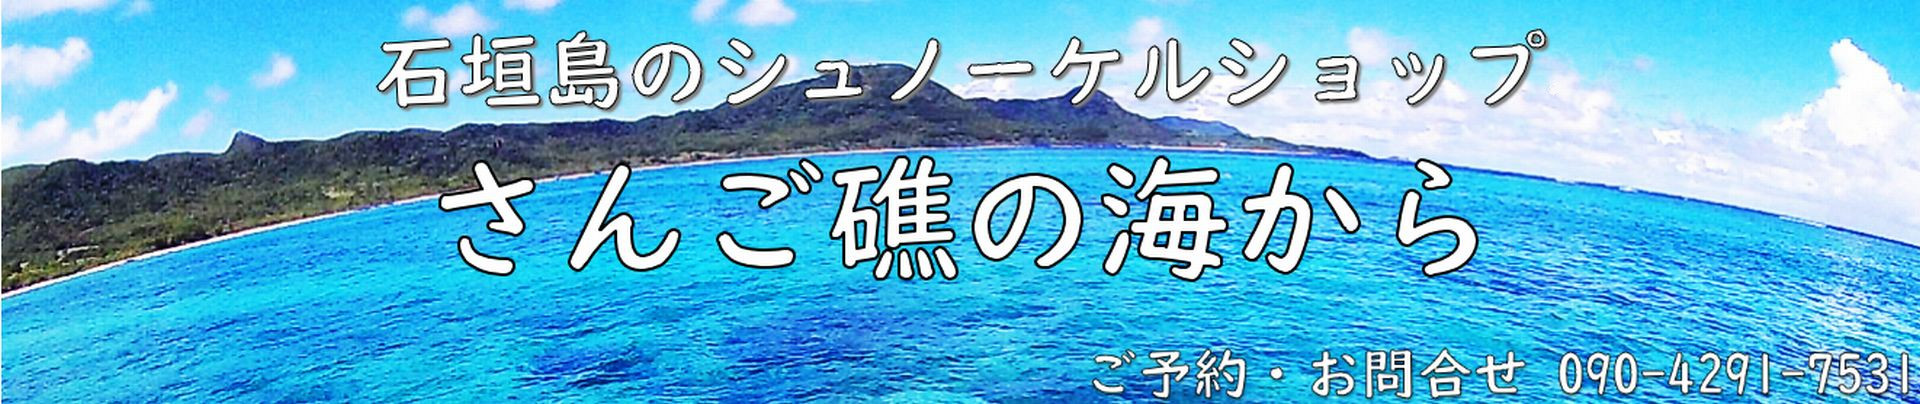 石垣島のシュノーケリングショップさんご礁の海からは、少人数ツアー